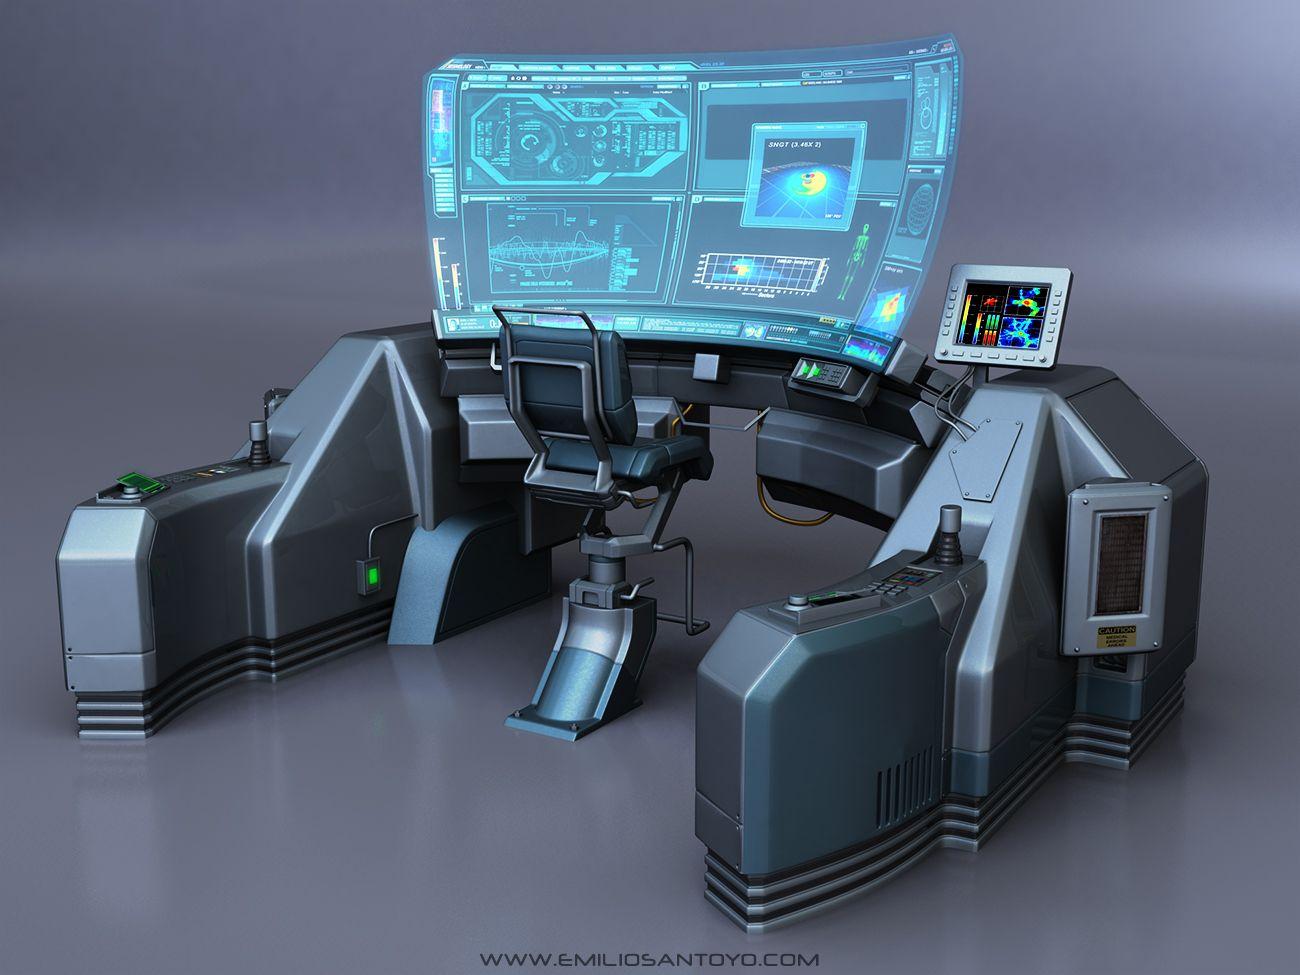 sci fi chair - Cerca con Google | Places | Pinterest | Sci ...